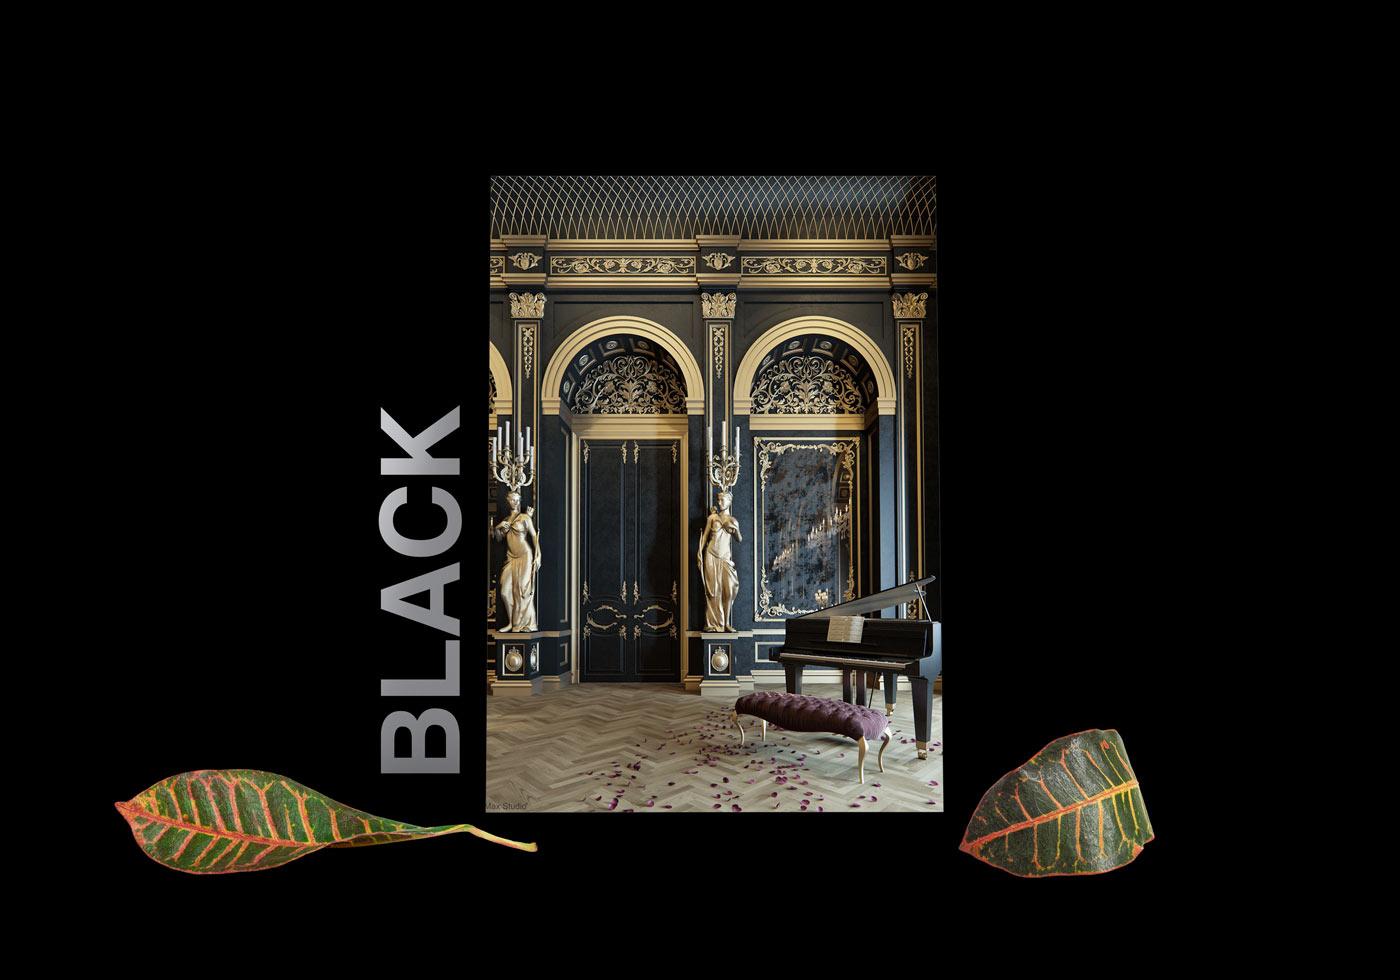 مزاج رنگ سیاه